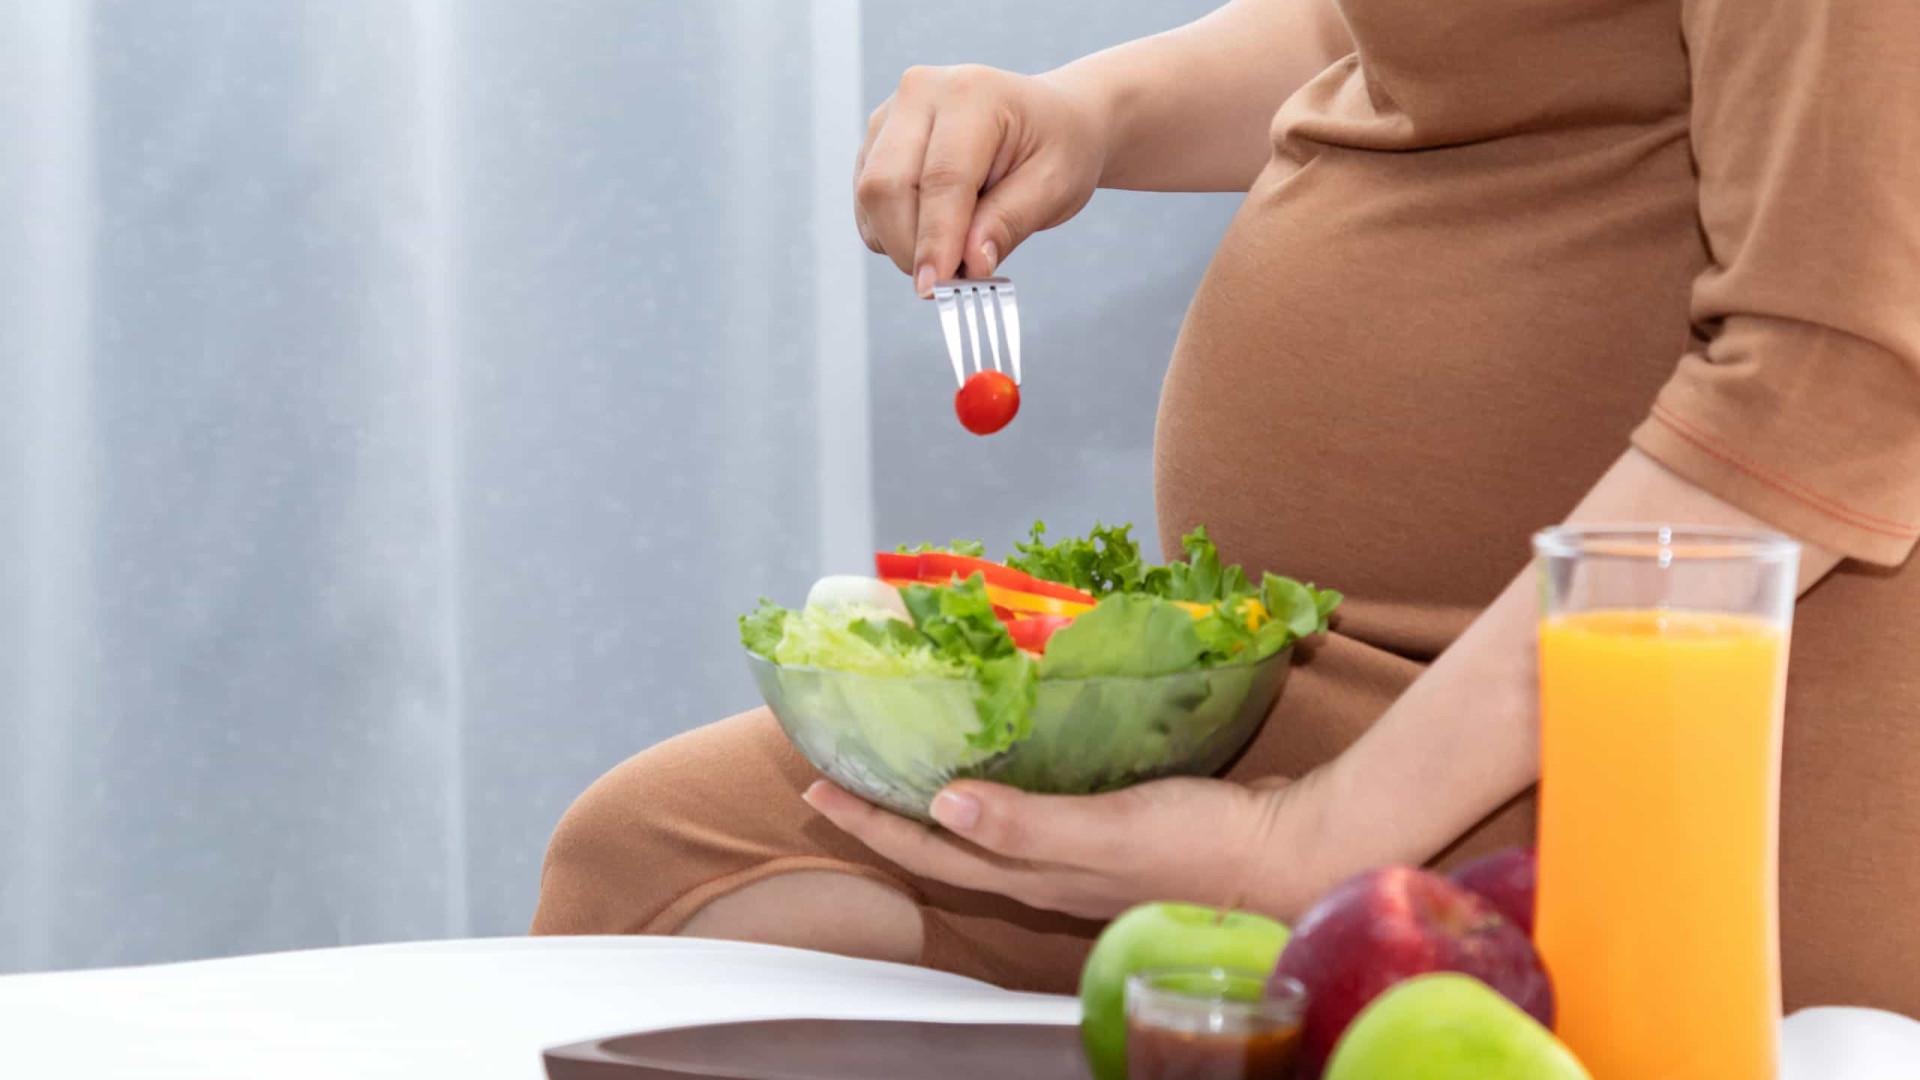 Cuidado com alimentação infantil deve começar antes do nascimento